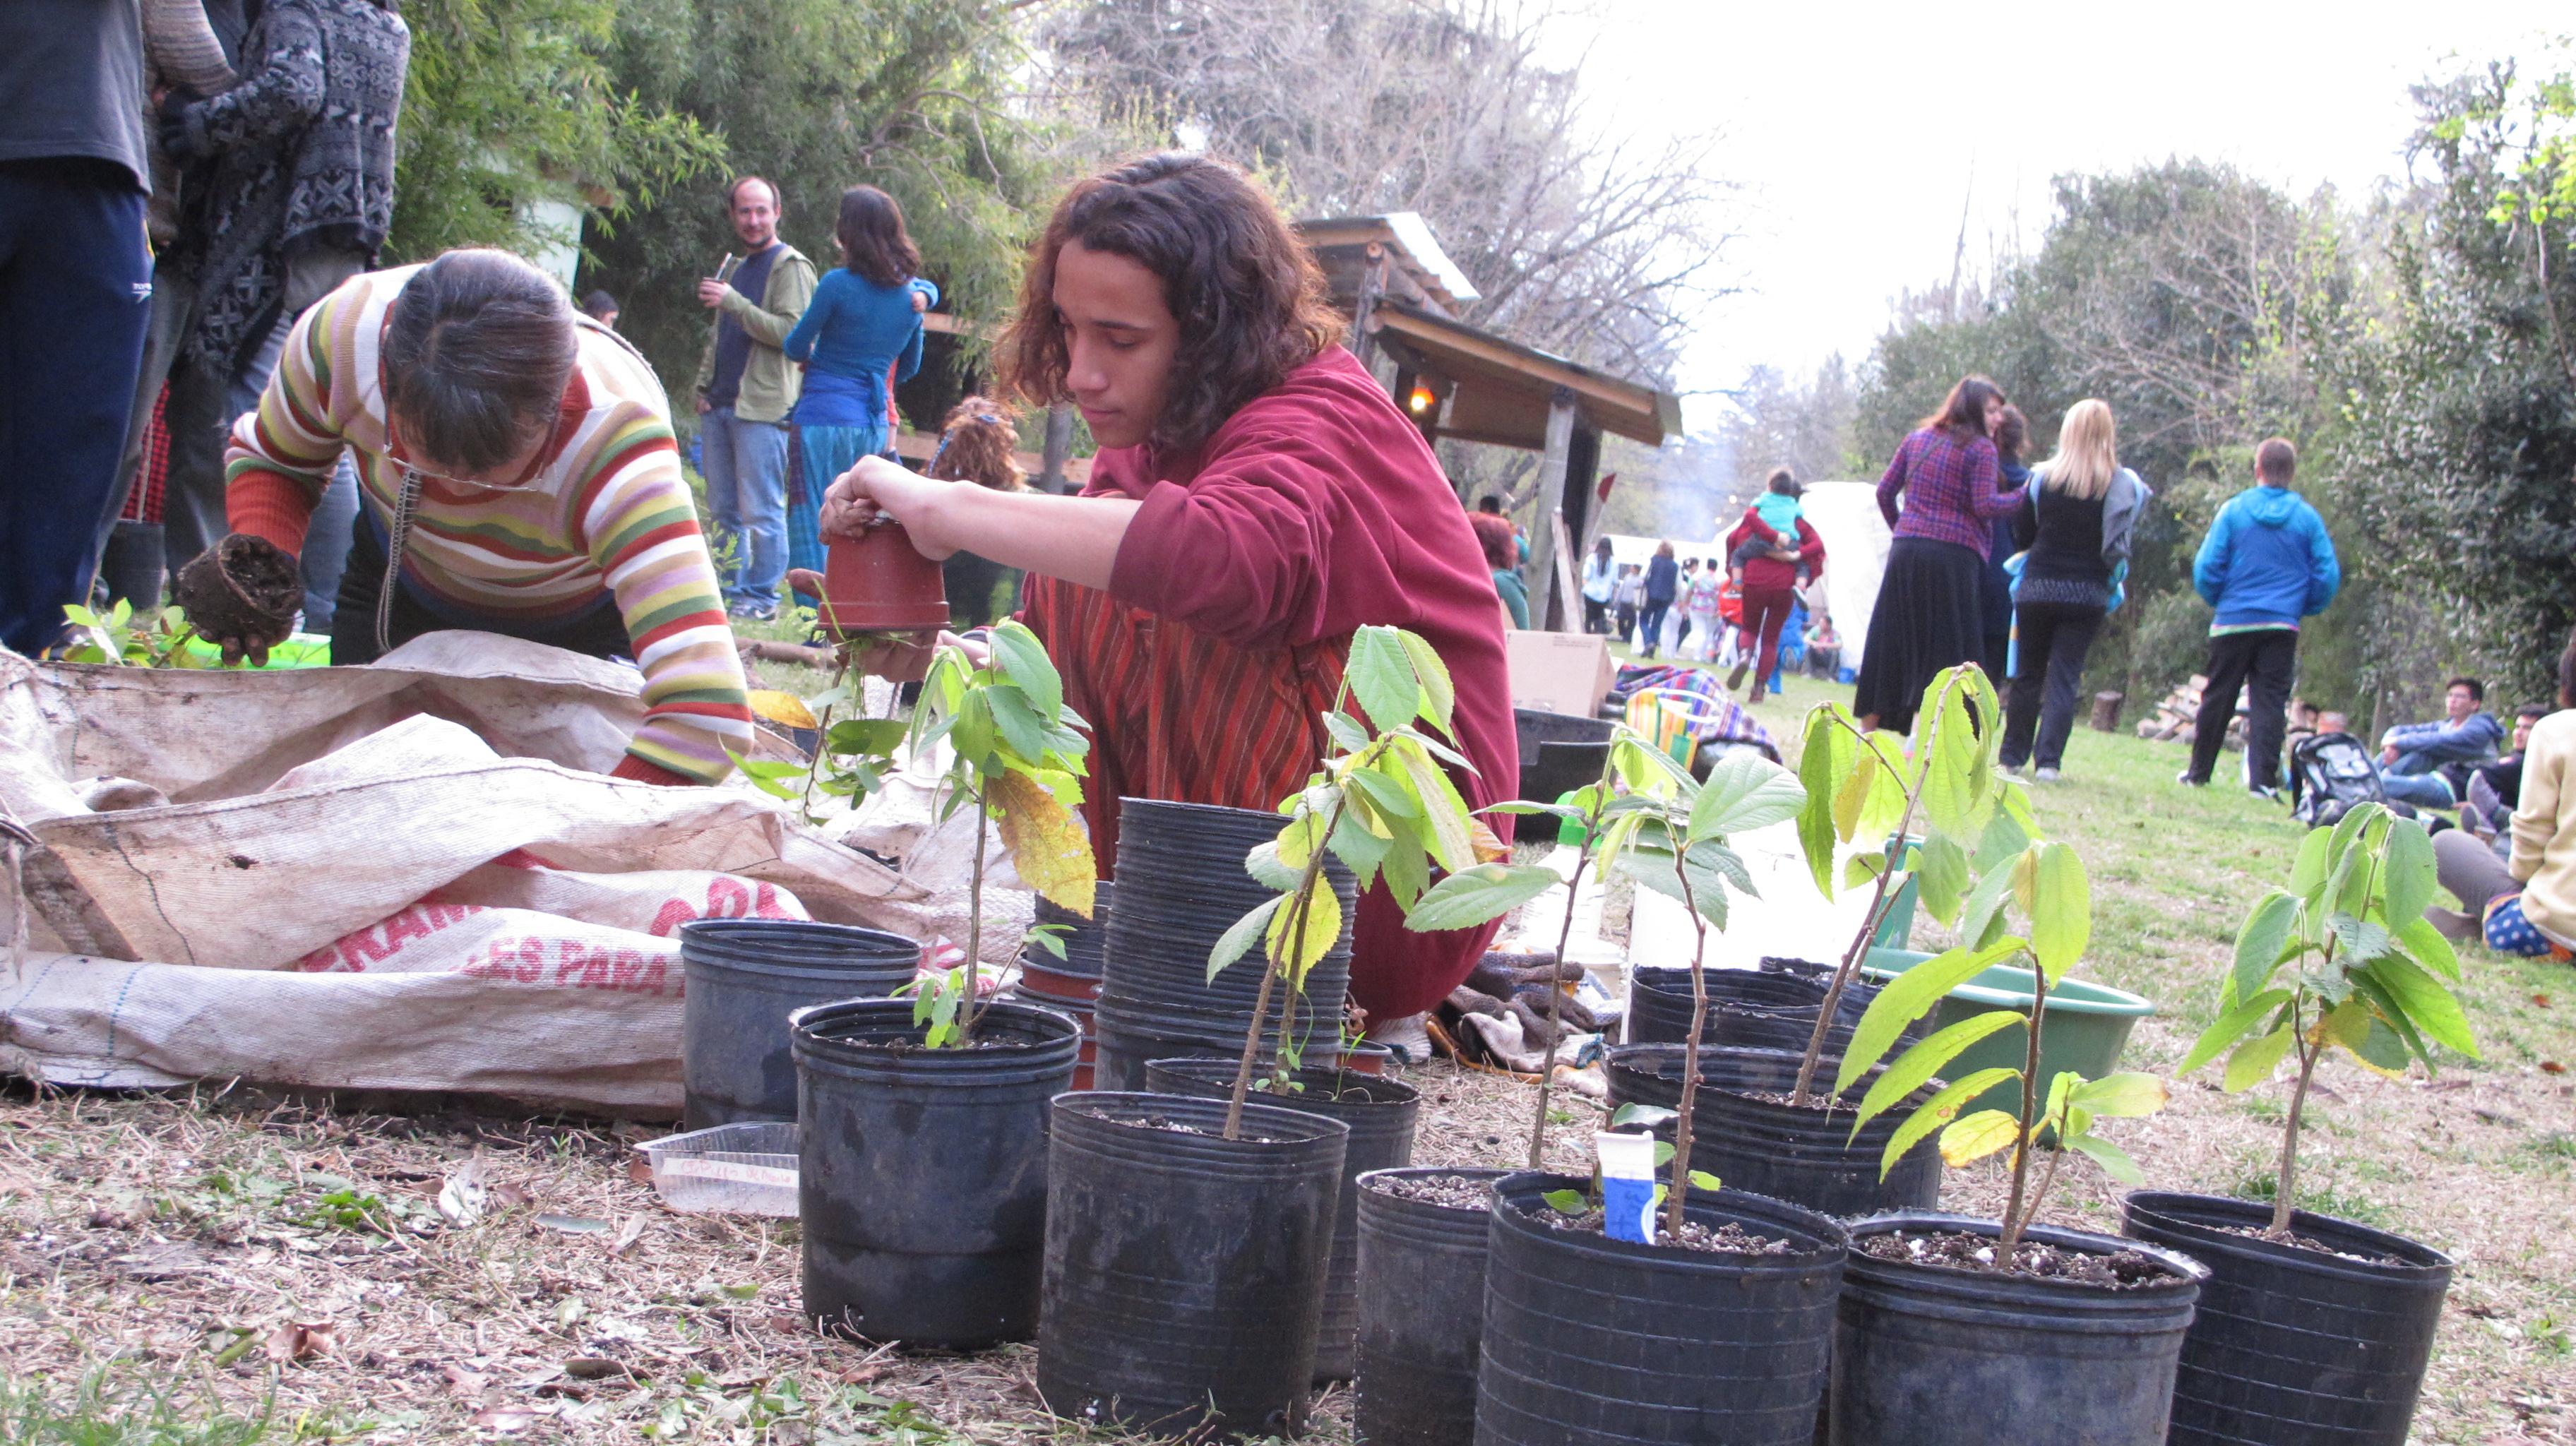 Un árbol para mi vereda: Un adolescente transplanta plantines de Azota Caballos en un encuentro de trabajo voluntario en un vivero comunitario en San Miguel.